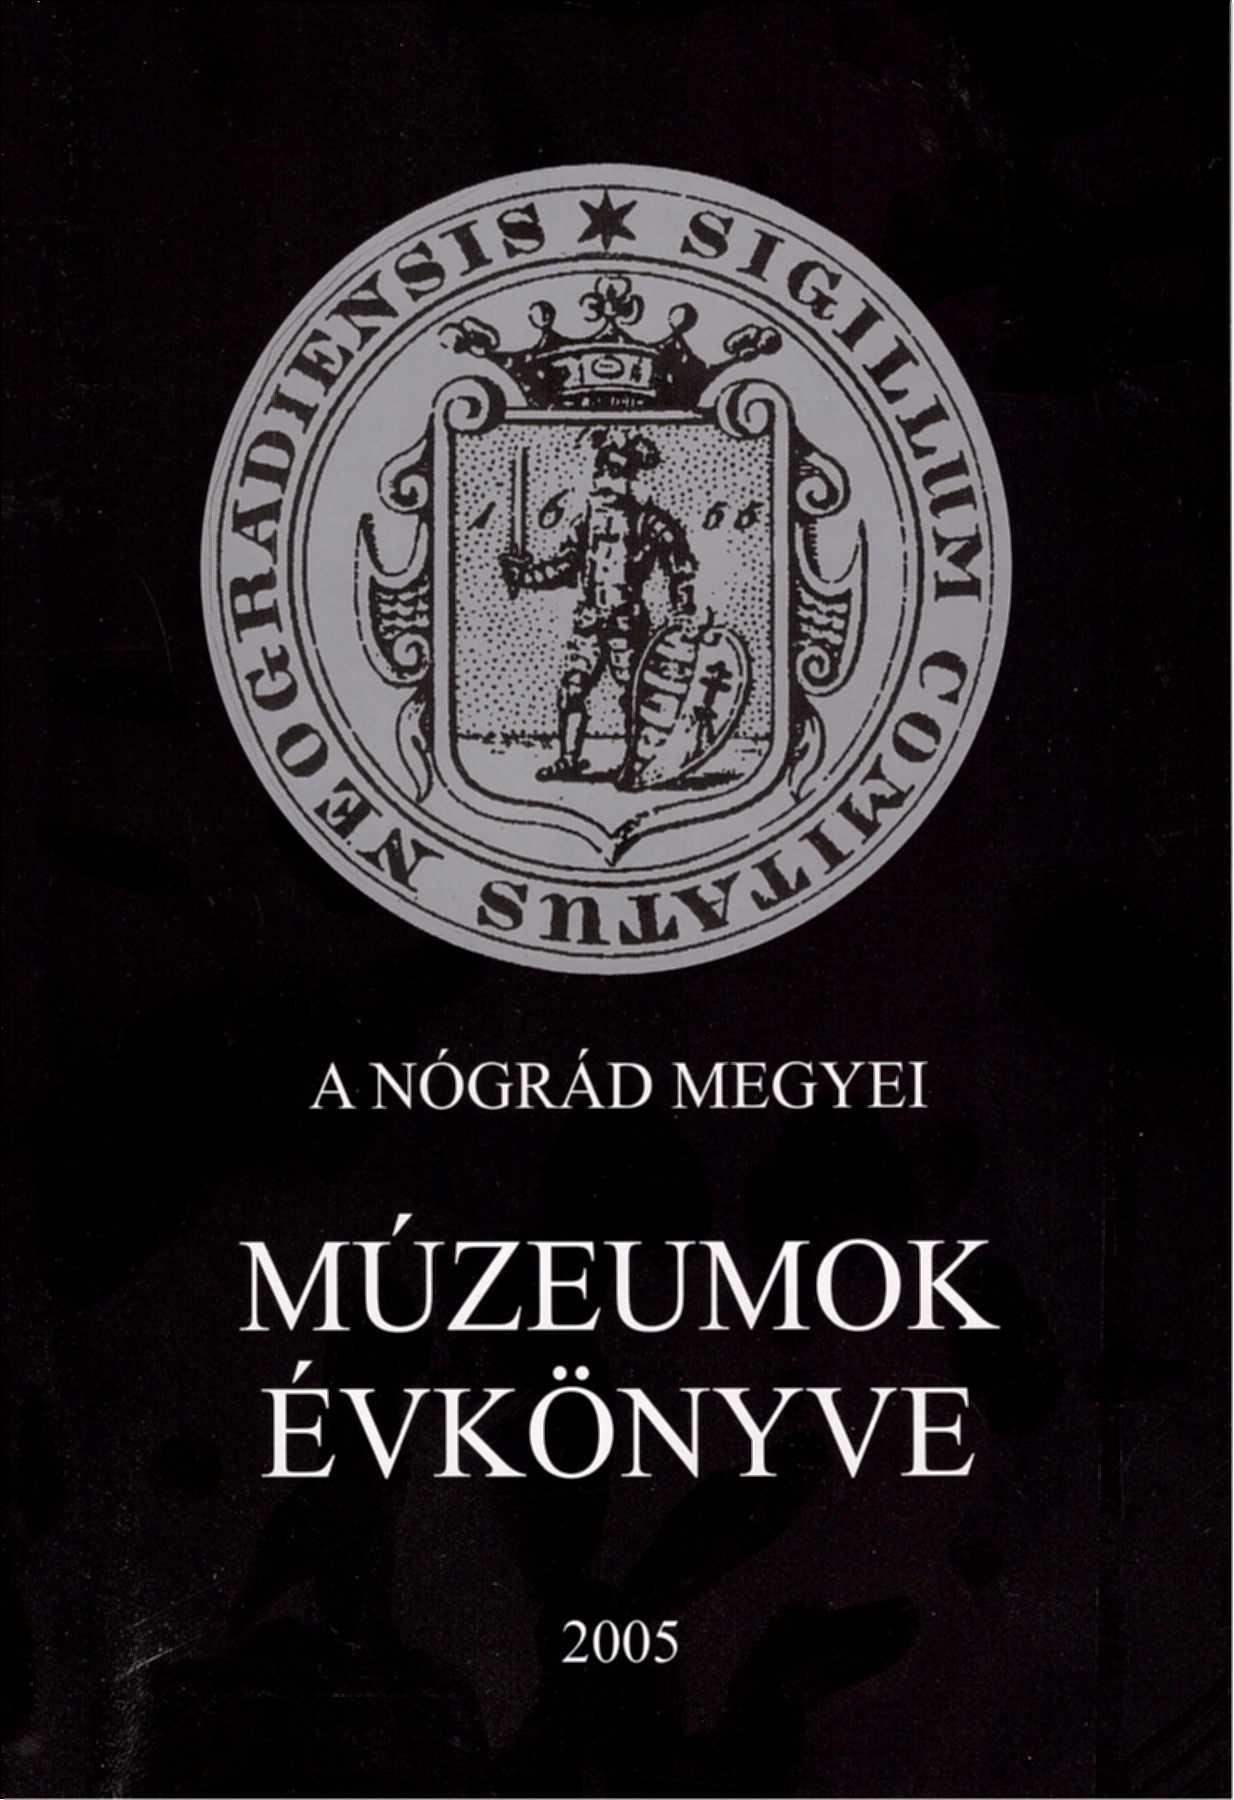 <b>A Nógrád Megyei Múzeumok Évkönyve XXIX.</b>